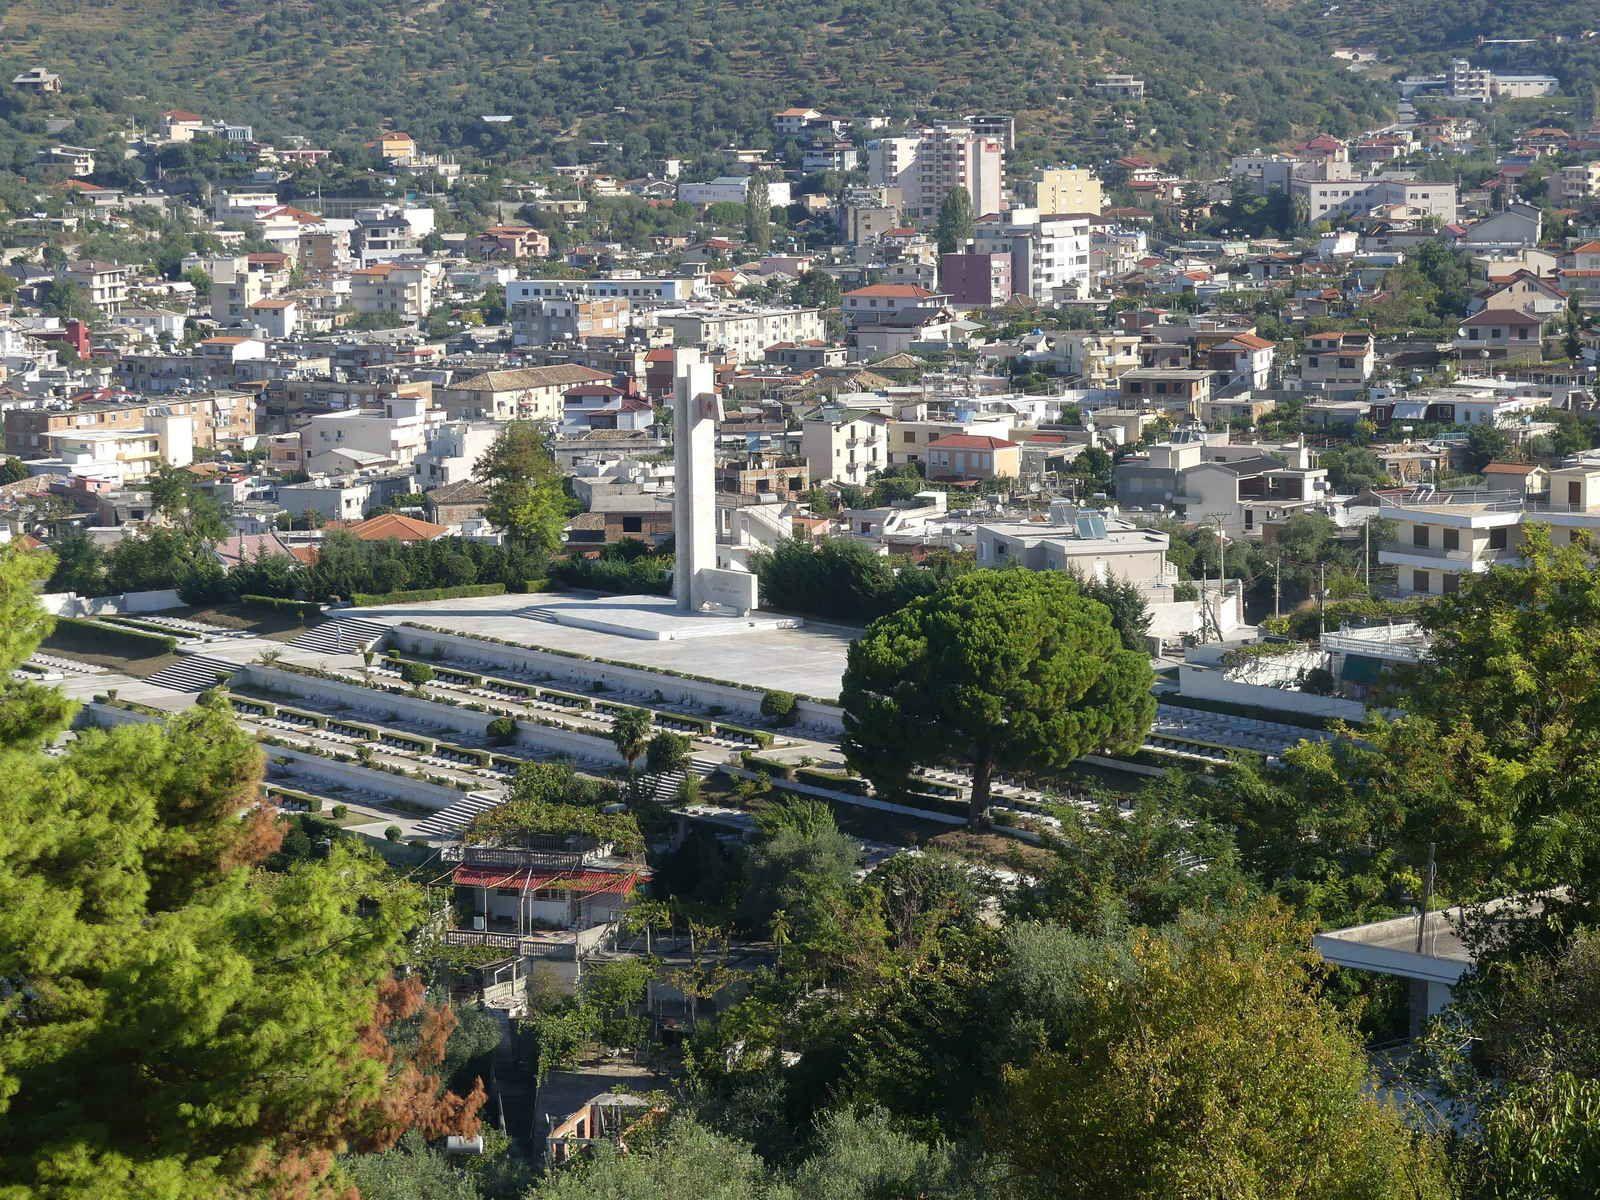 Un aperçu de la ville de Vlorë